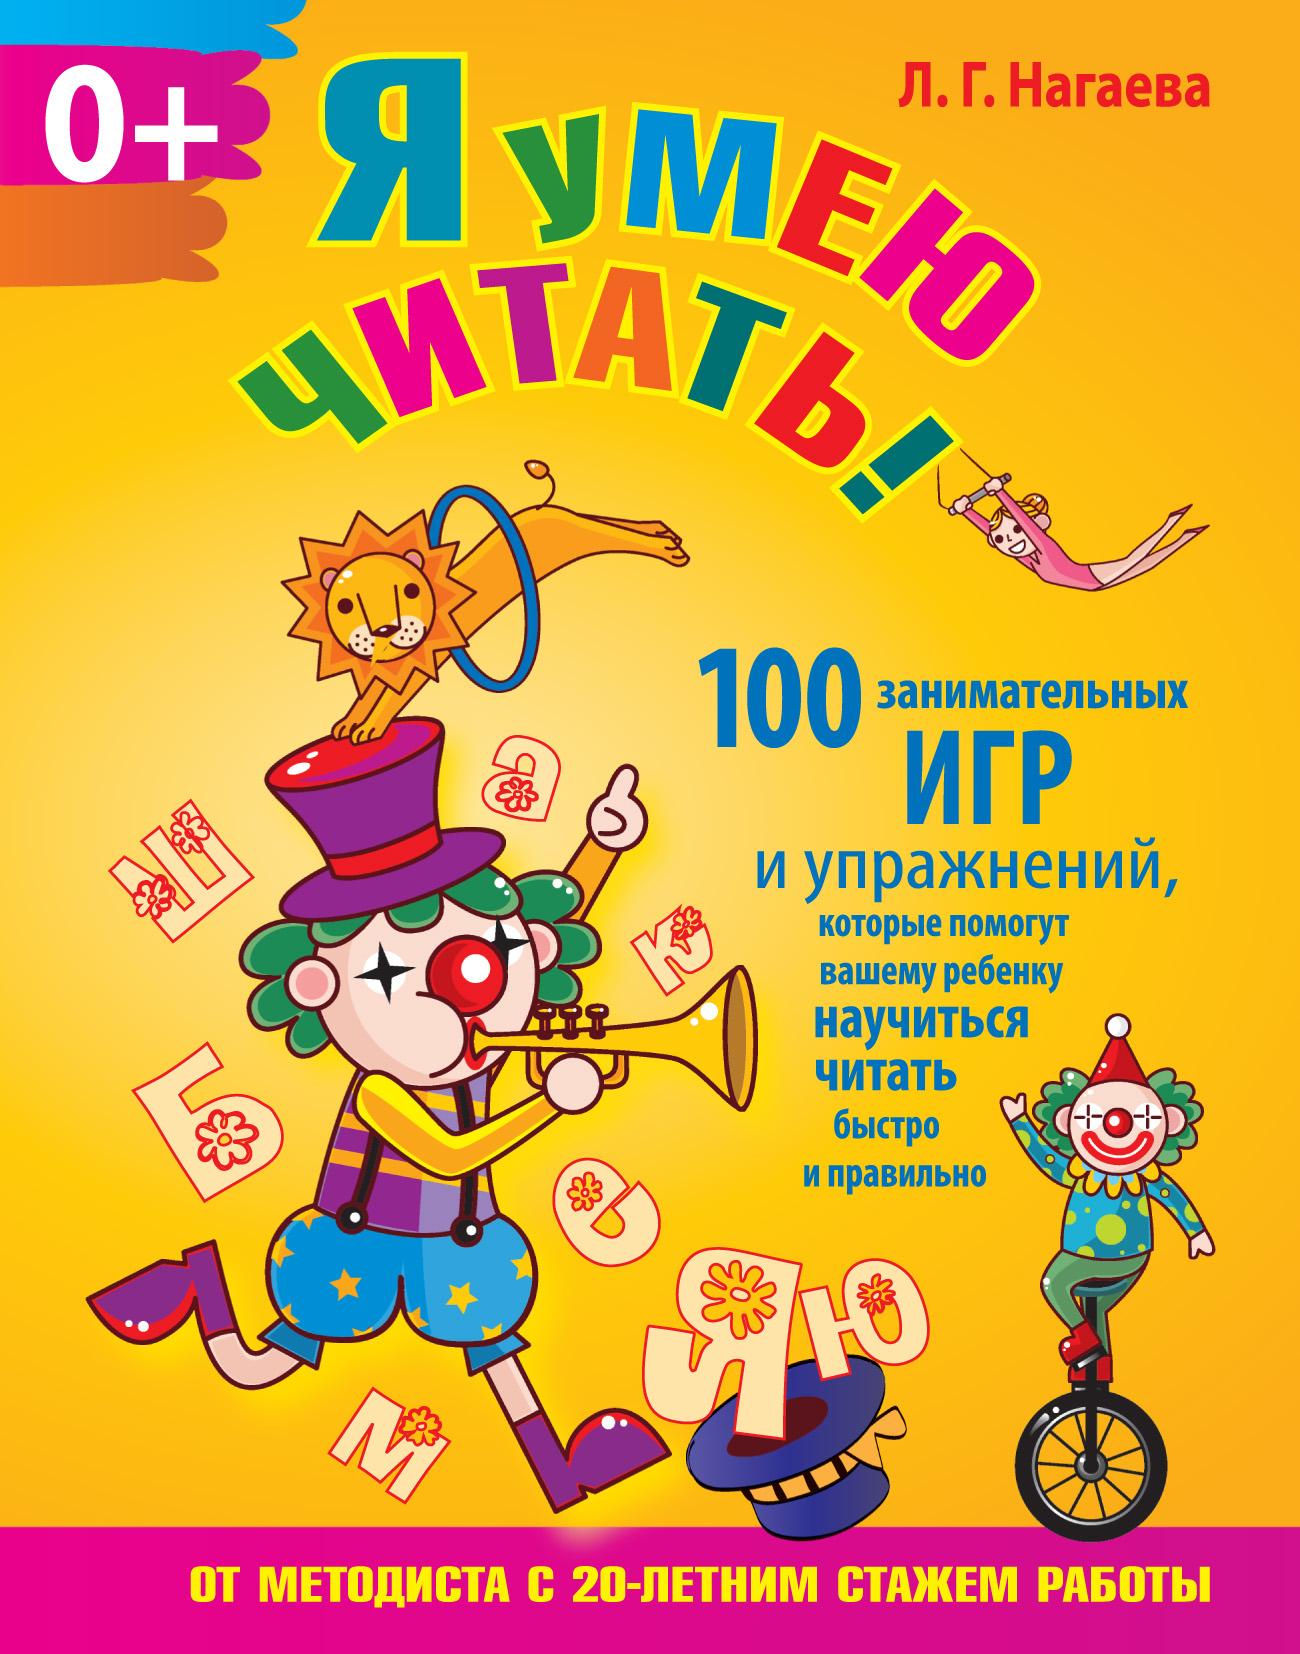 Л. Г. Нагаева Я умею читать! 100 занимательных игр и упражнений, которые помогут вашему ребенку научиться читать быстро и правильно мыло жидкое palmolive кухонное нейтрализующее запах 300 мл 12 шт 22414 page 4